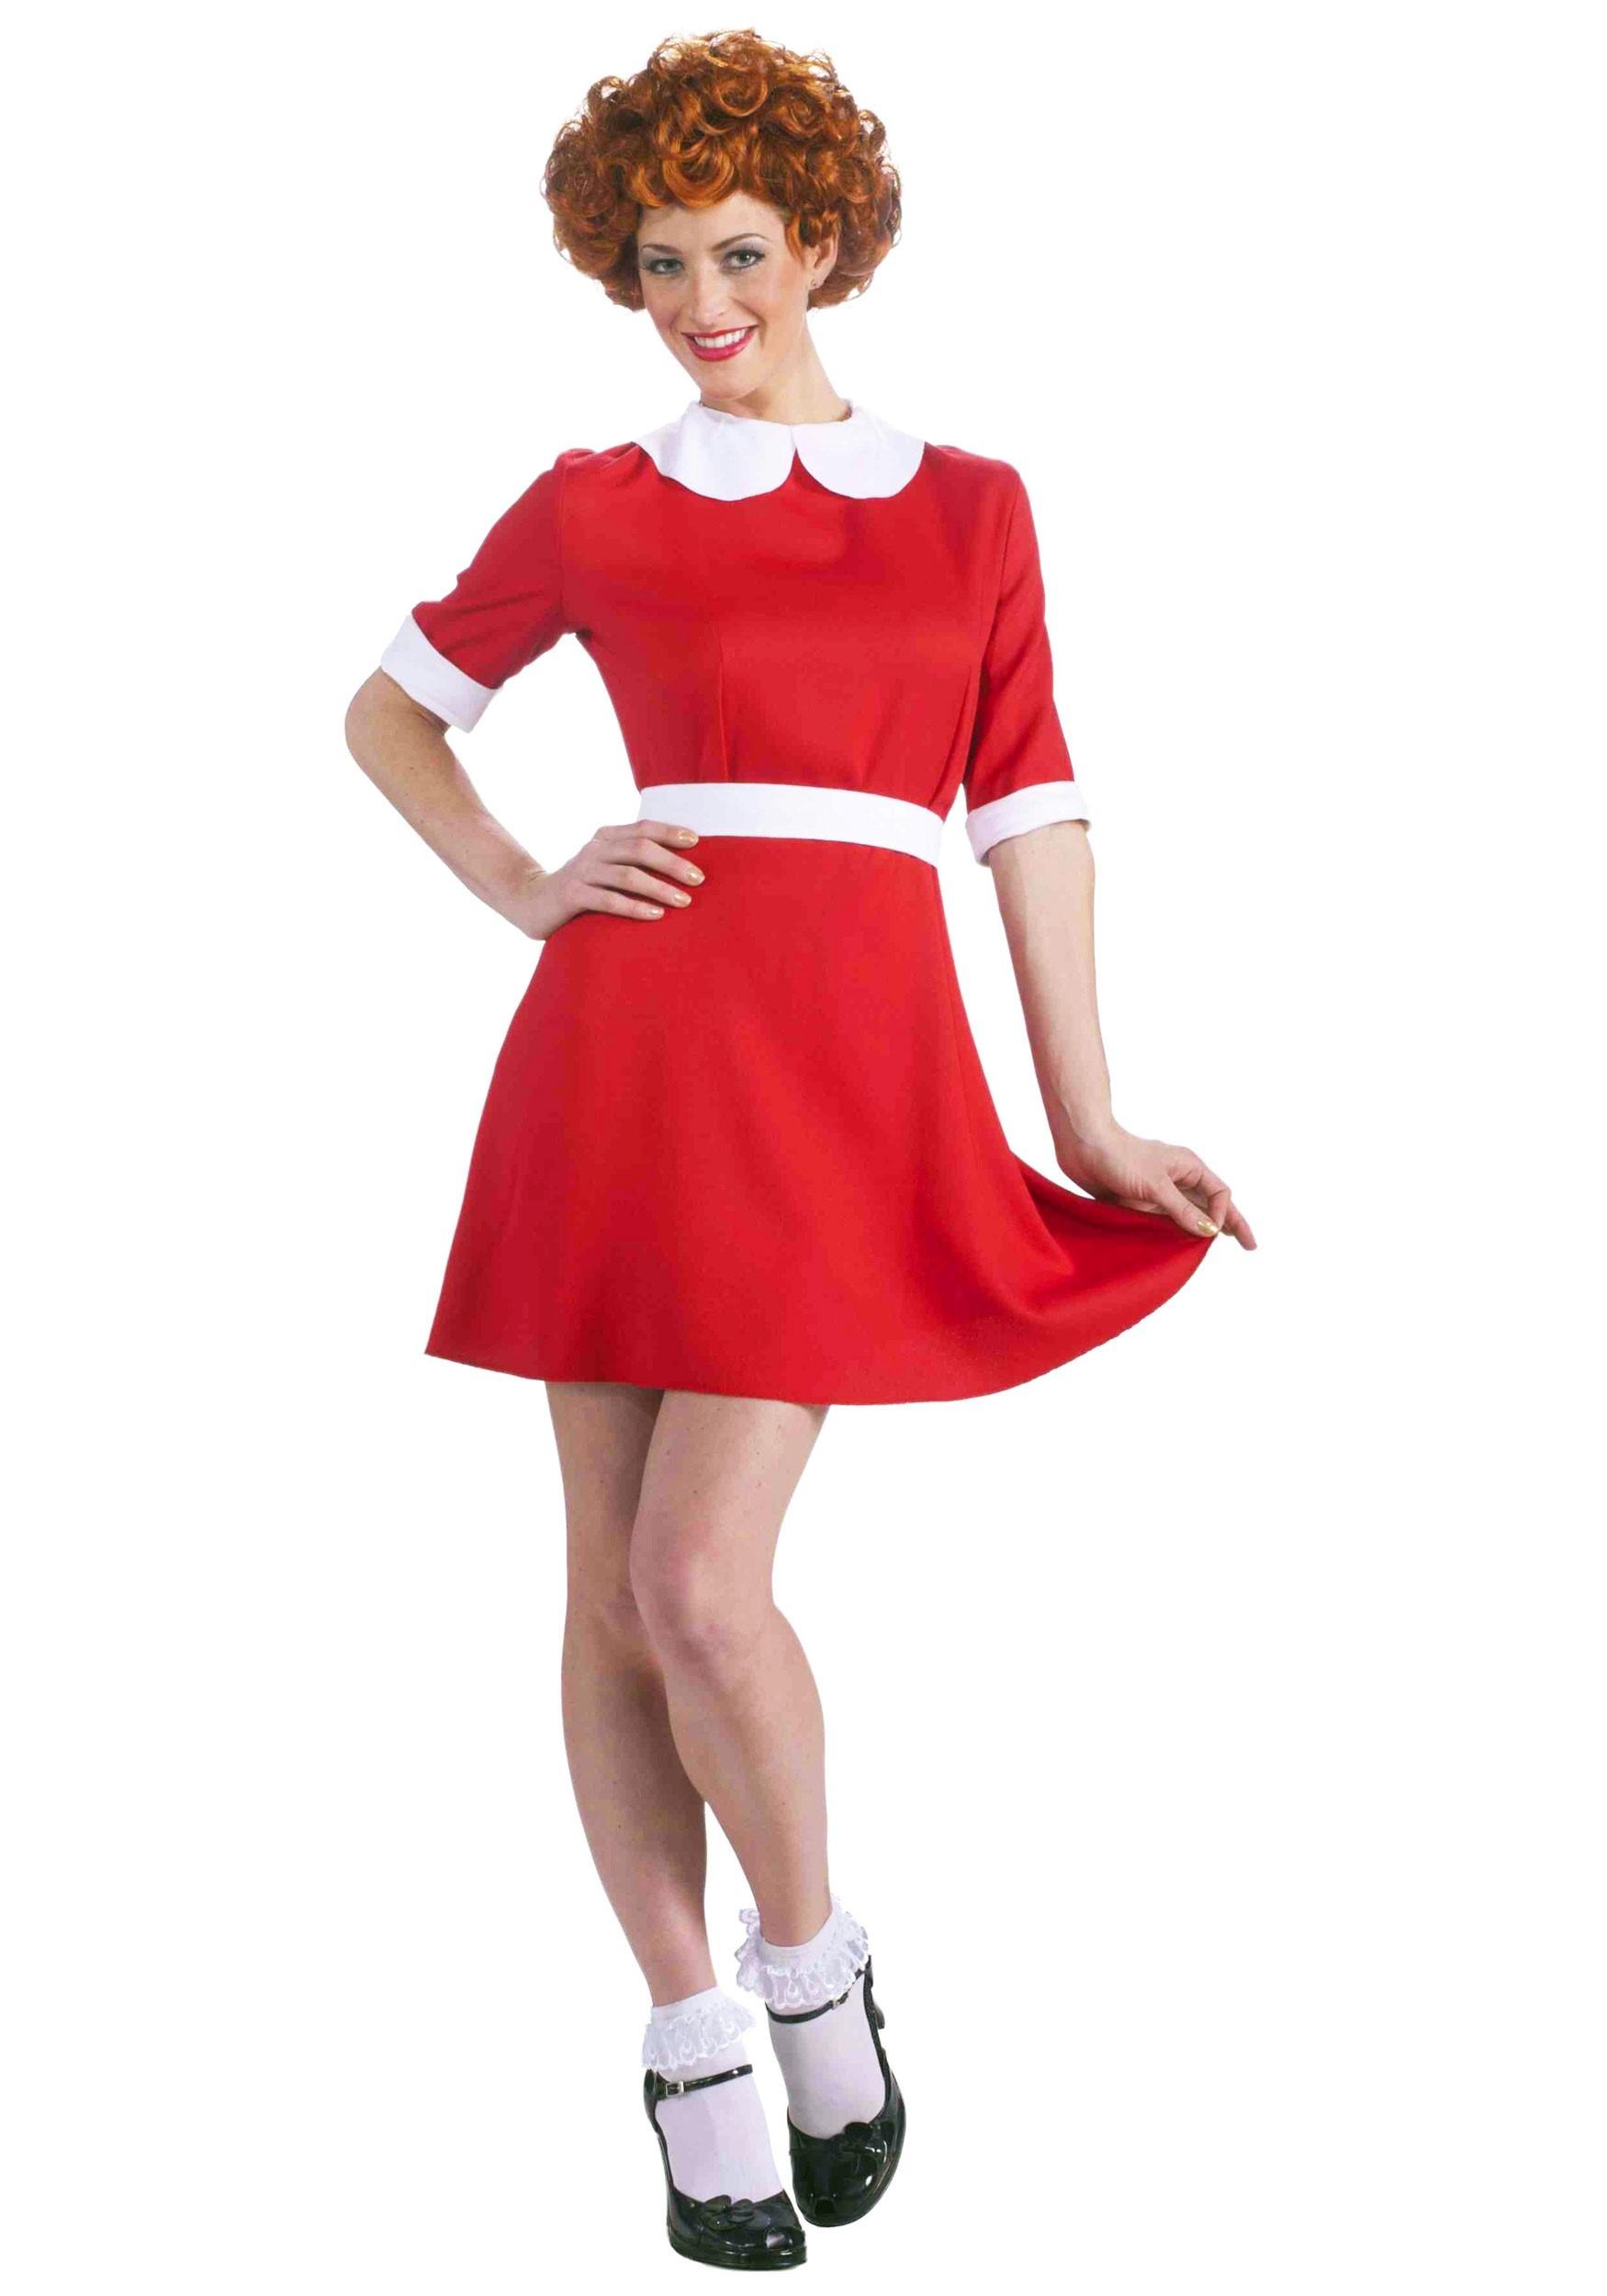 7330229732bb Womens Orphan Annie Costume Update Main